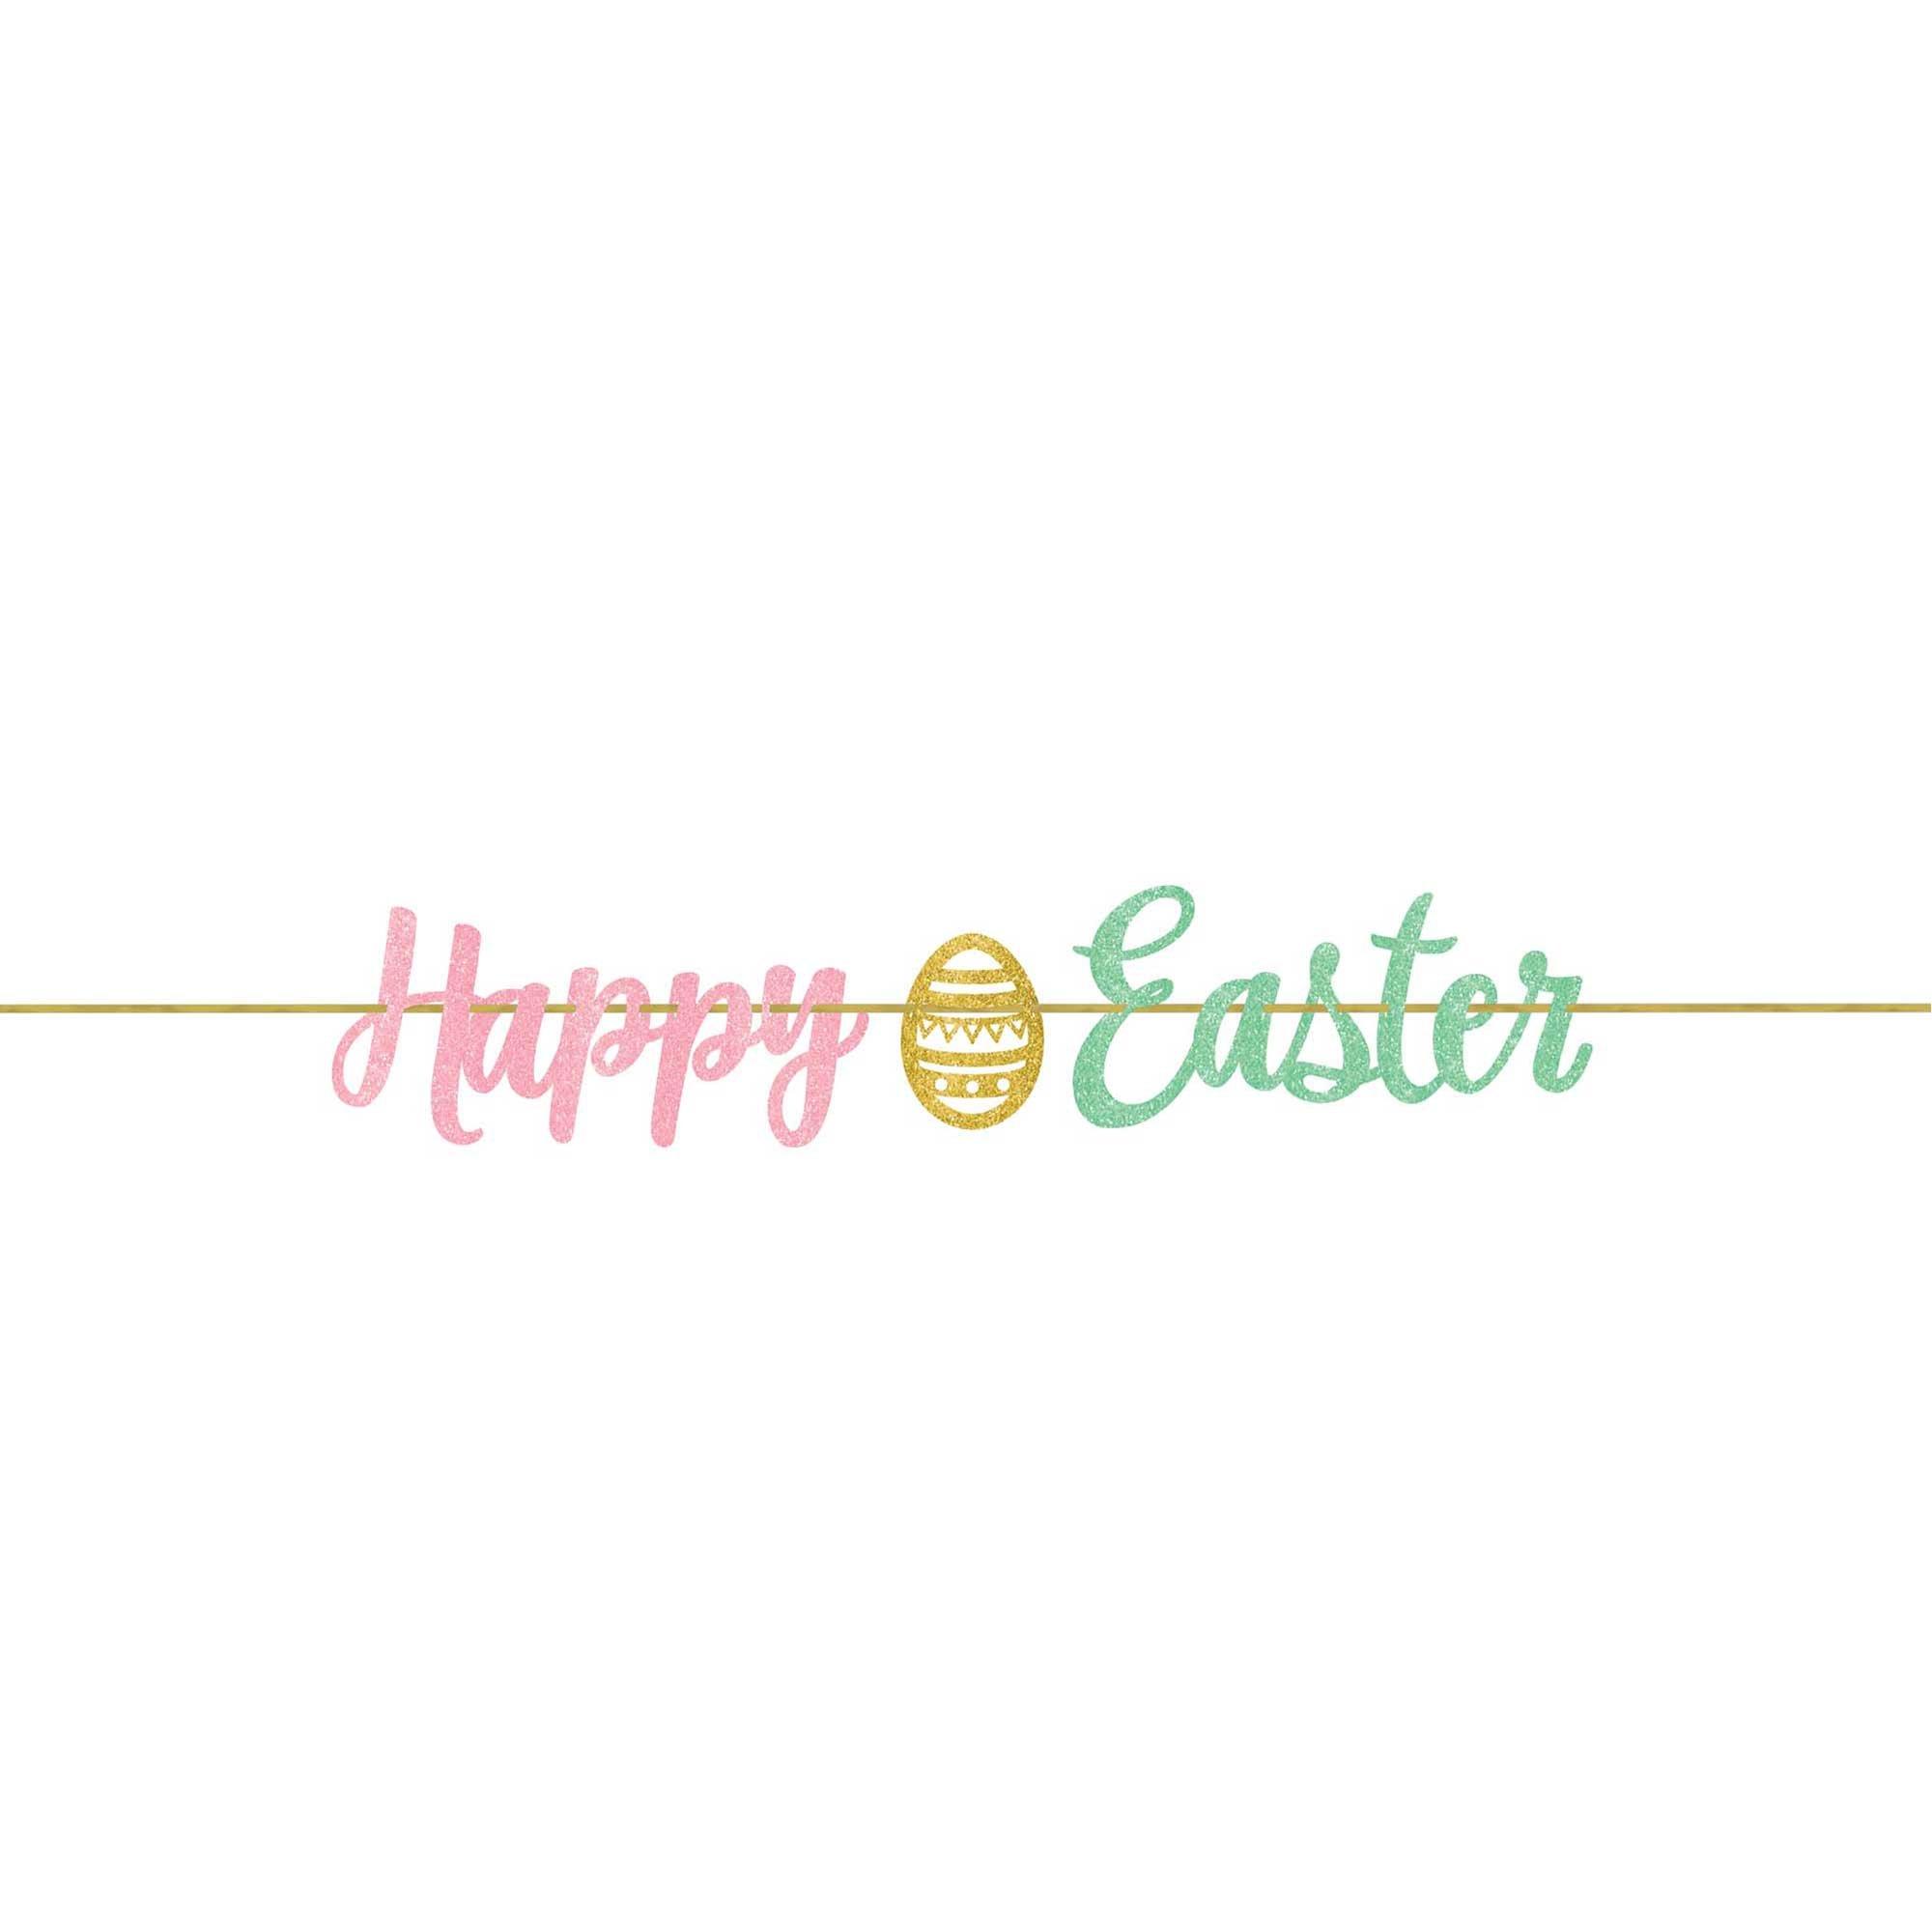 Happy Easter Script Ribbon Banner Glittered